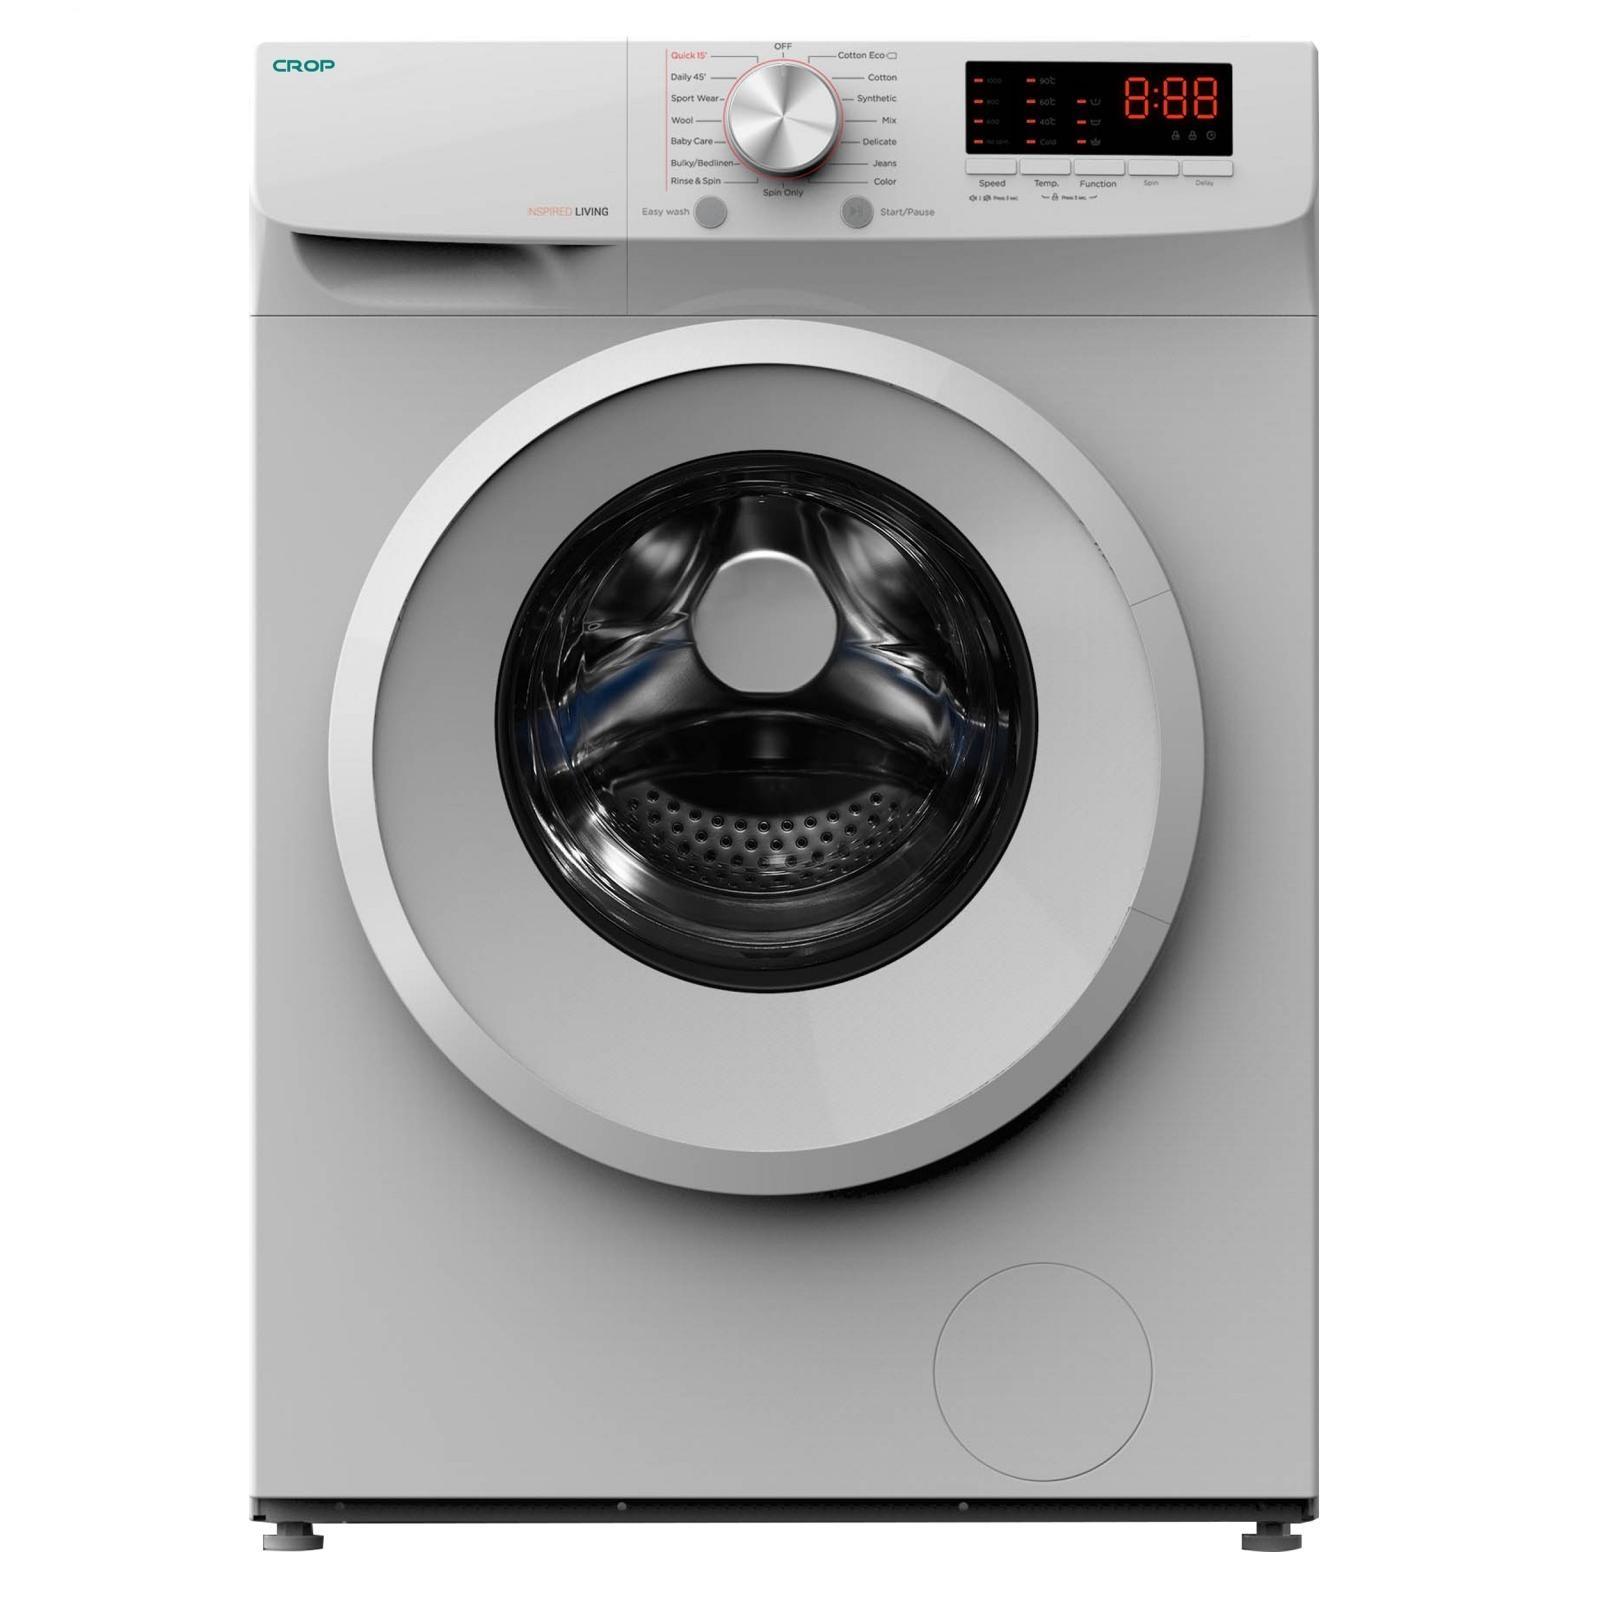 لباسشویی کروپ اتومات 7KG سفید درب سفید WFT-27230W